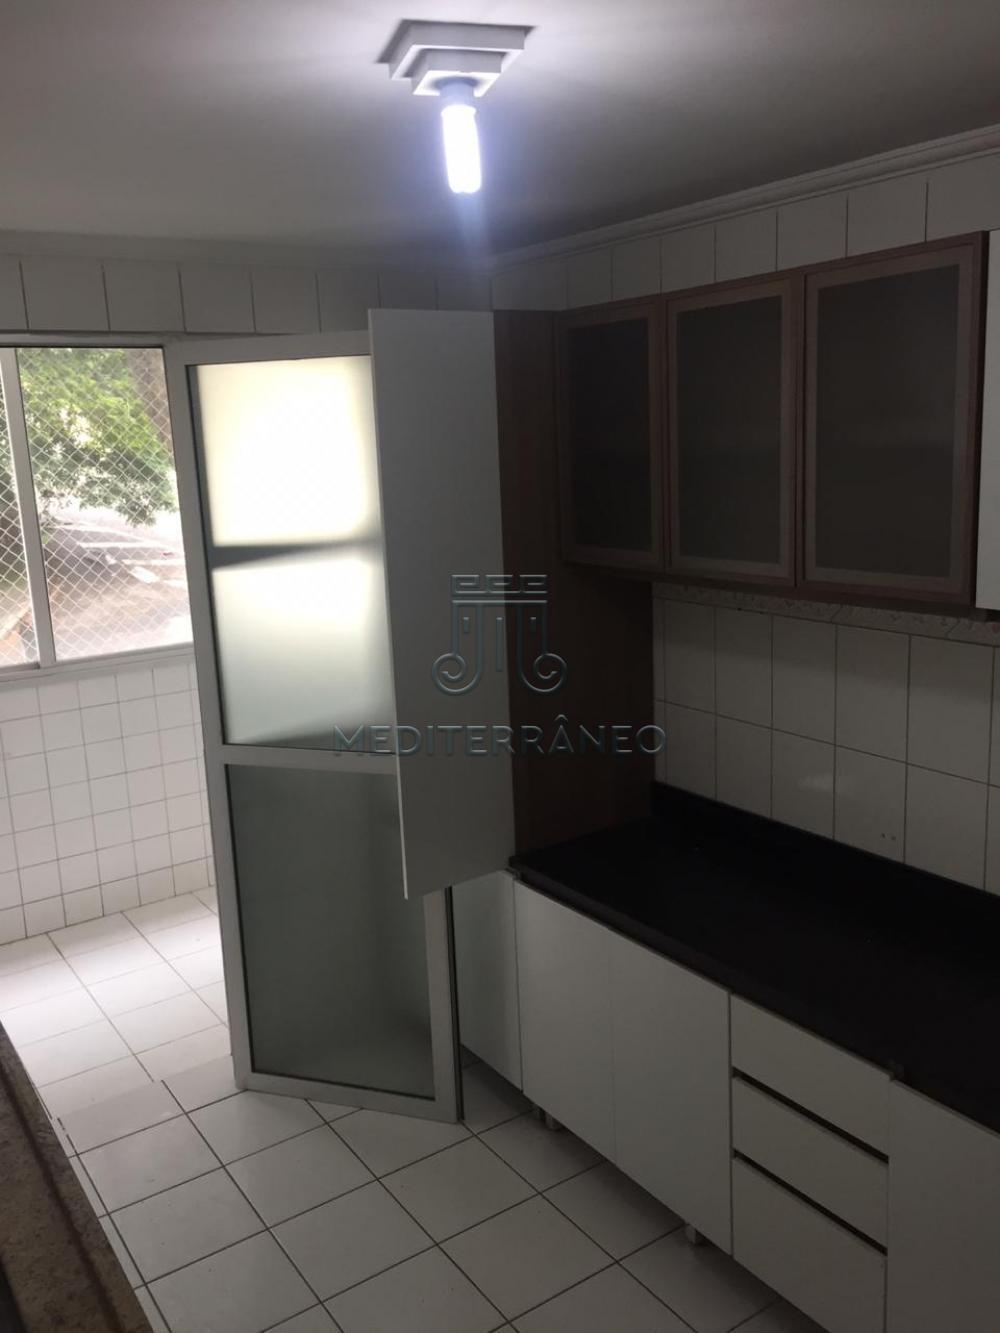 Alugar Apartamento / Padrão em Jundiaí apenas R$ 1.450,00 - Foto 9